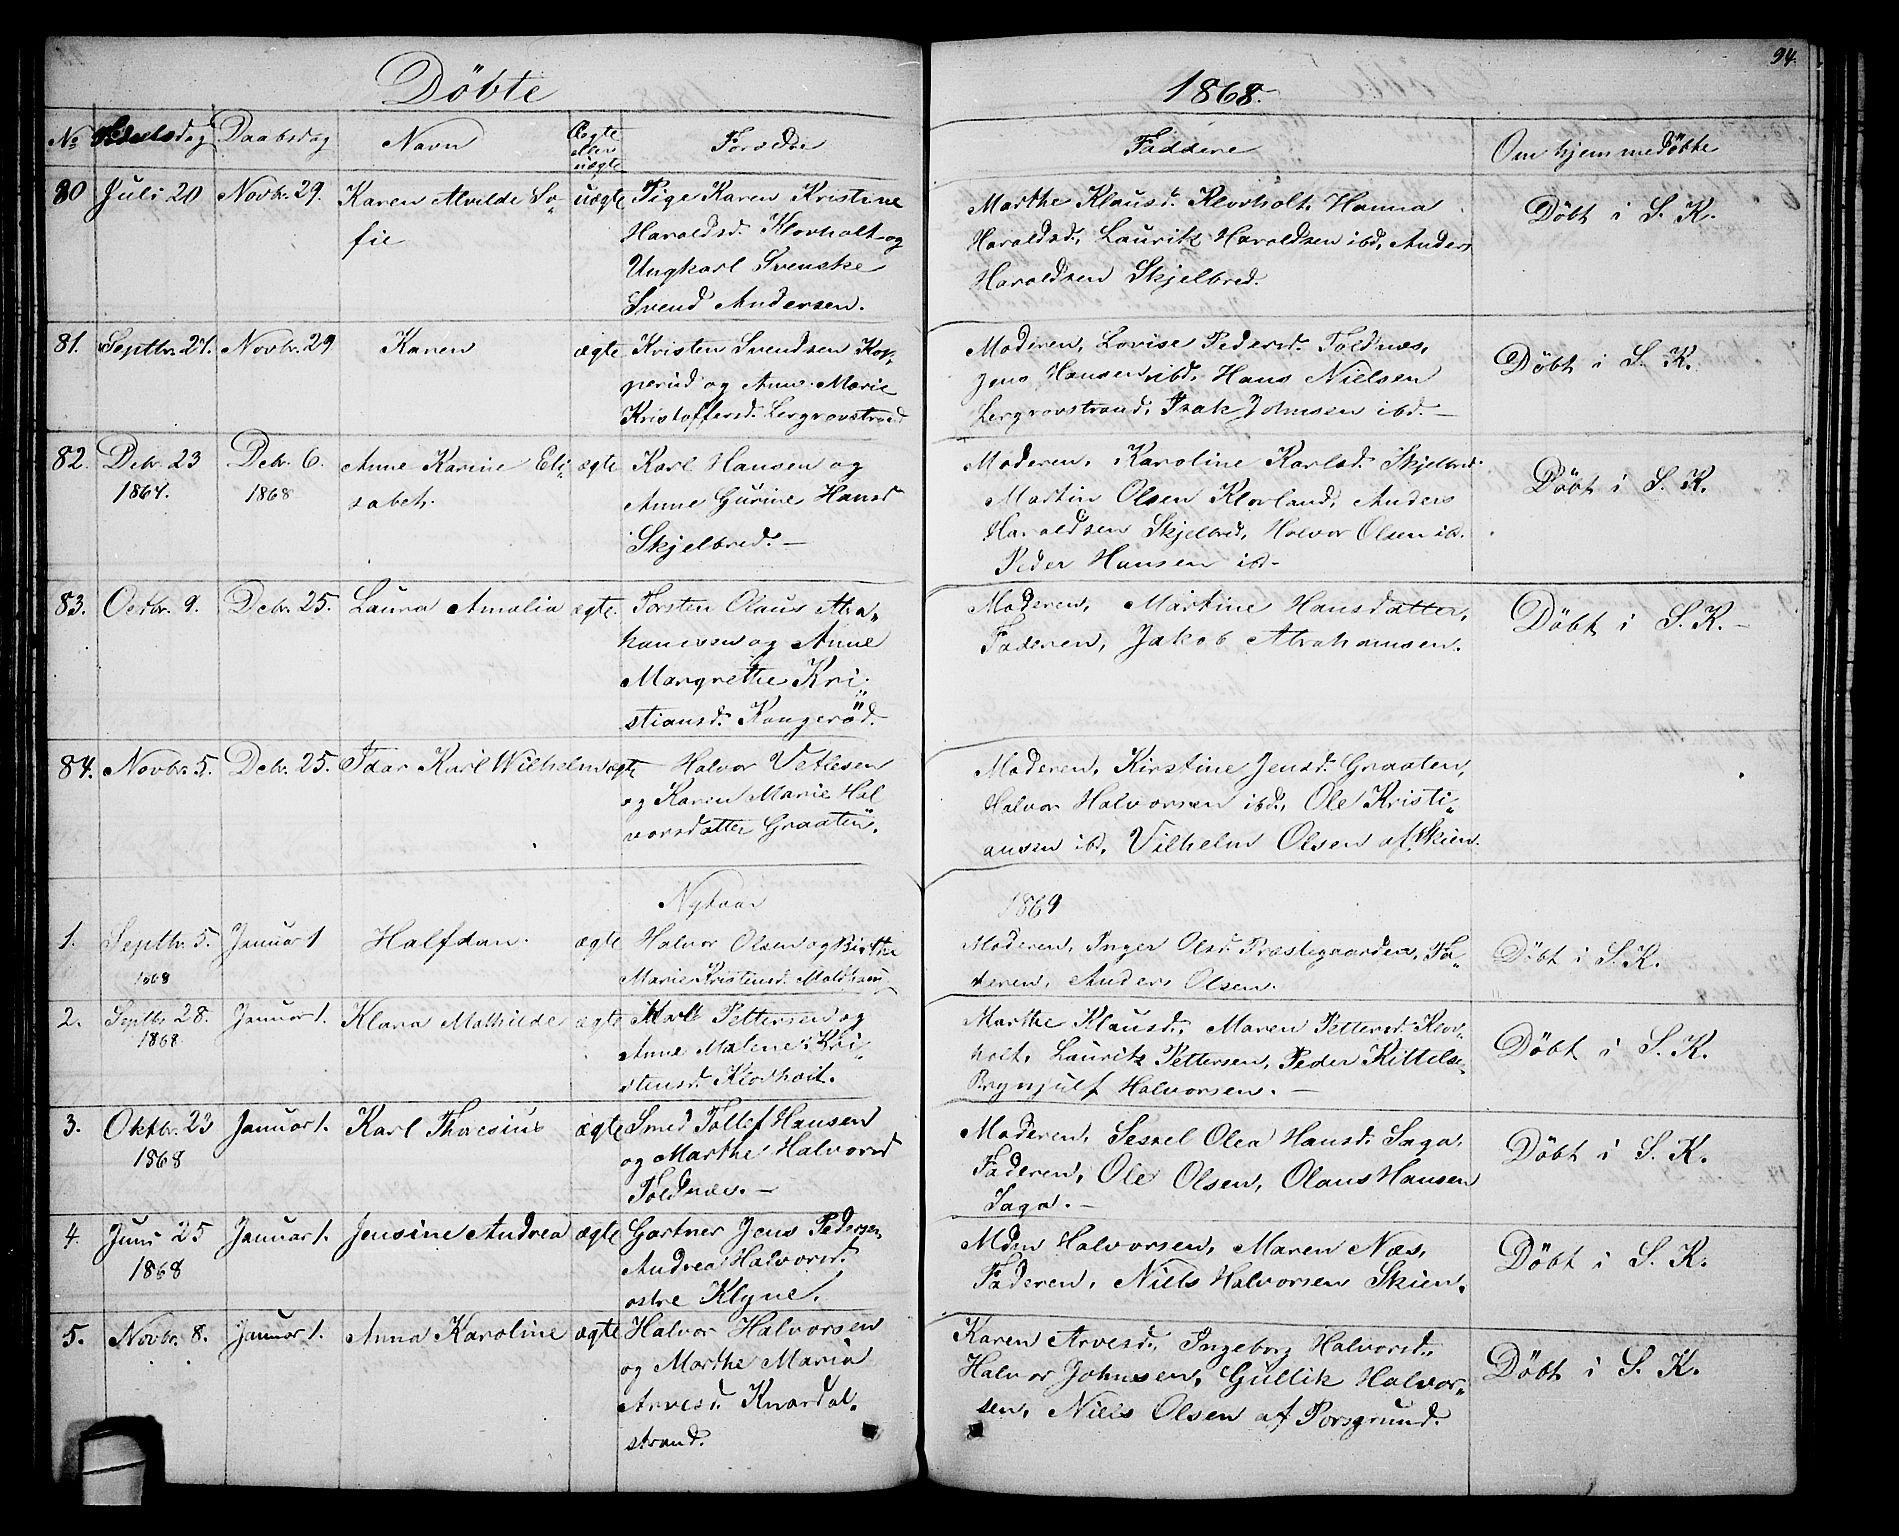 SAKO, Solum kirkebøker, G/Ga/L0004: Klokkerbok nr. I 4, 1859-1876, s. 94